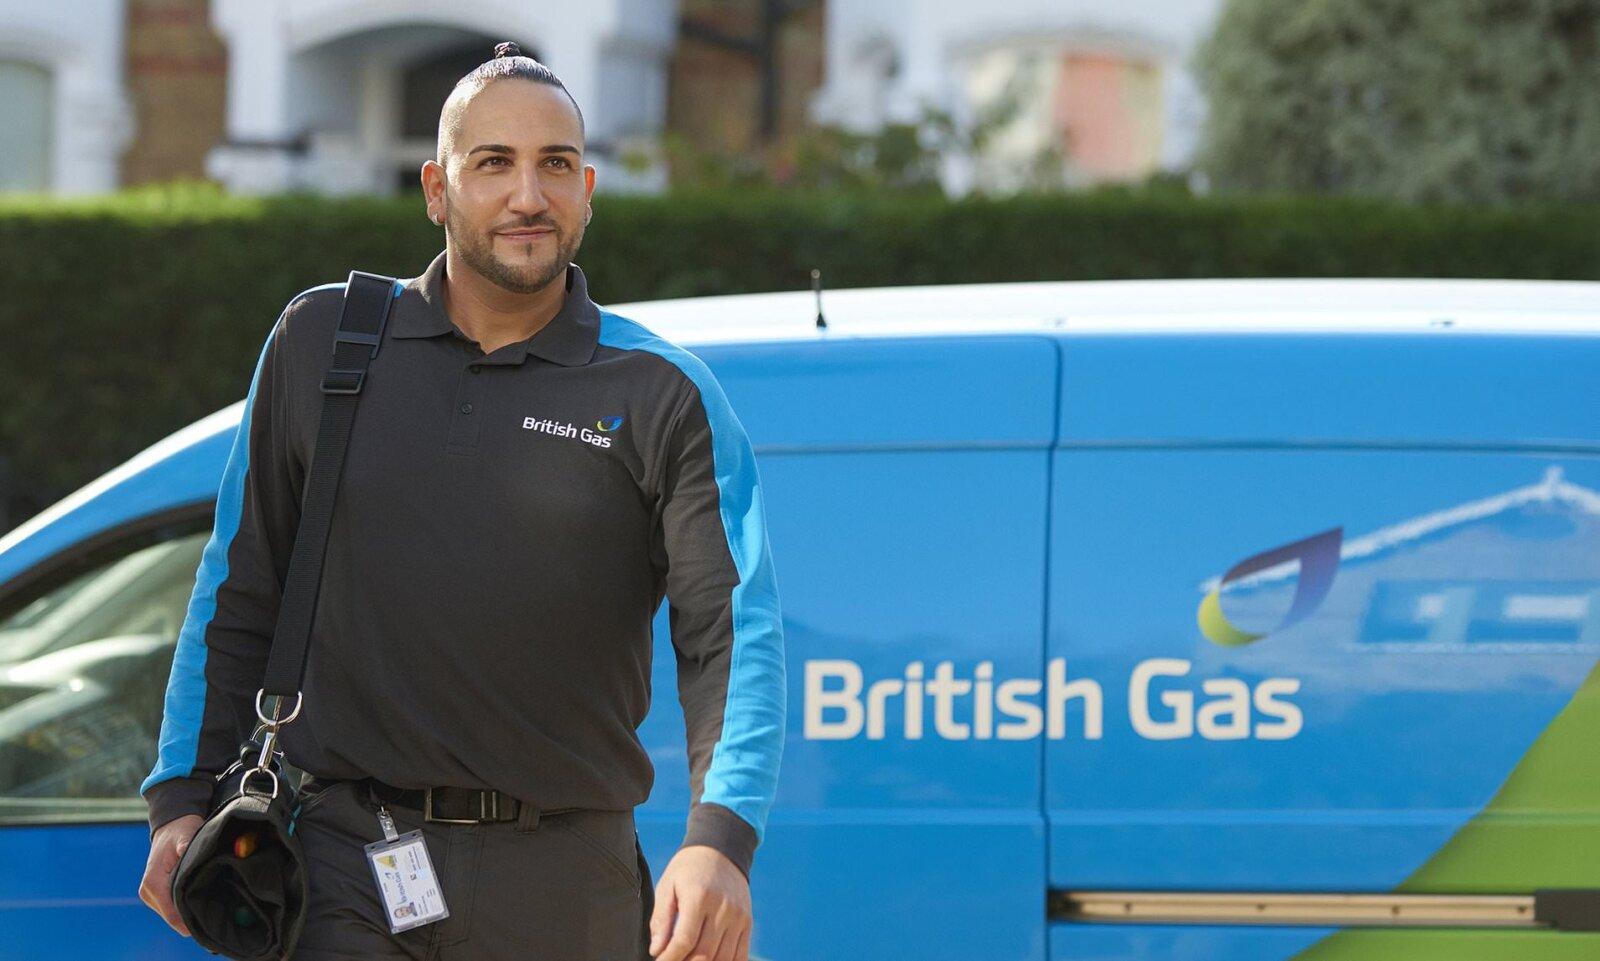 British Gas to cut 5,000 jobs due to impact of coronavirus, The Manc